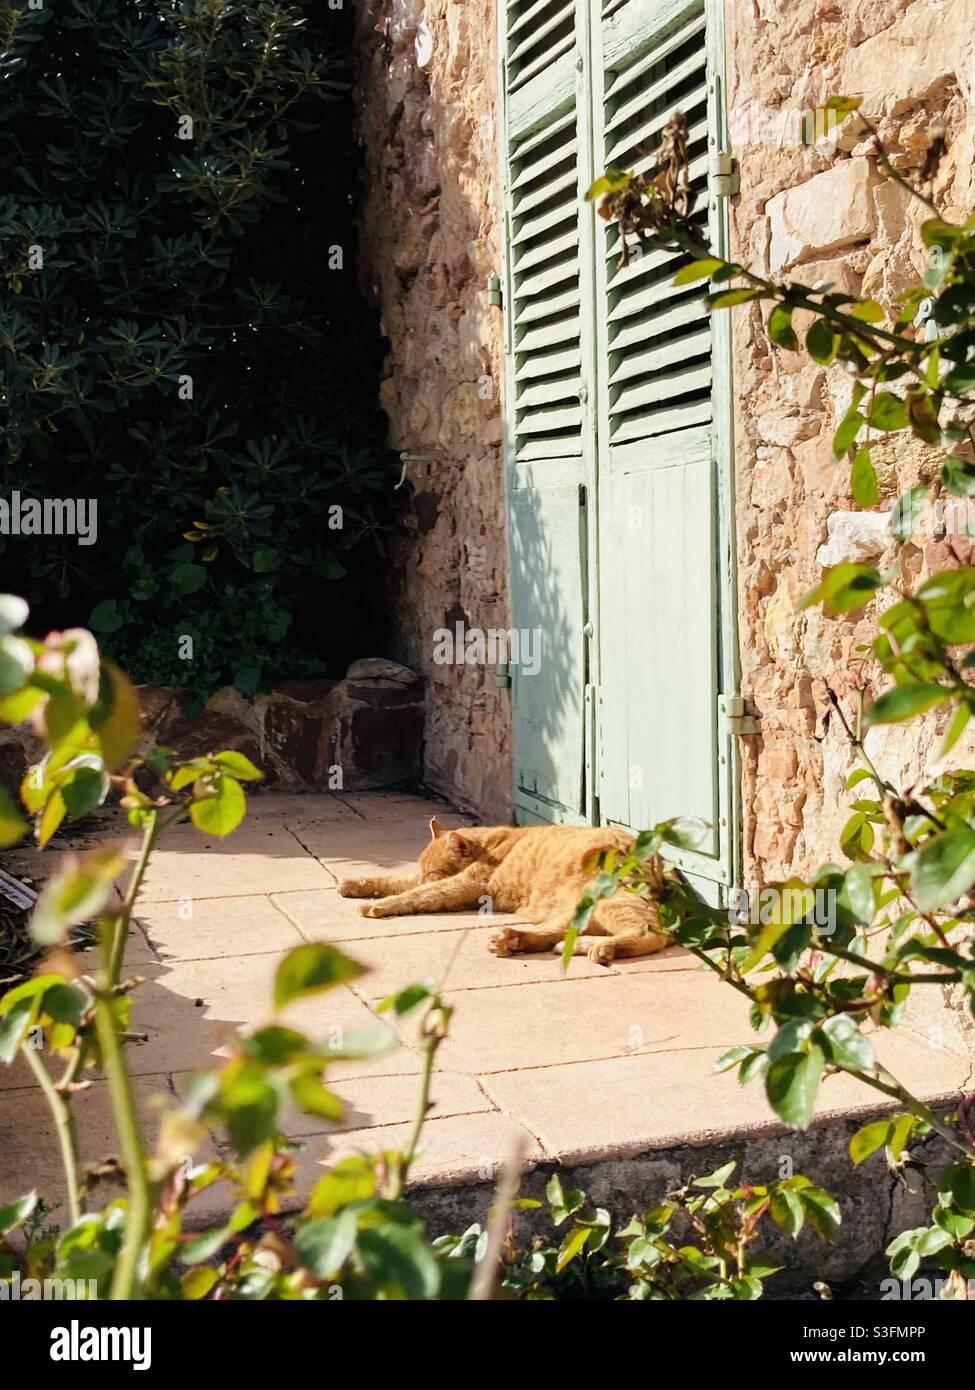 le sud est réputé pour sa sieste au moment des fortes chaleurs de la journée .pour un chat c'est encore più une réalité Foto Stock